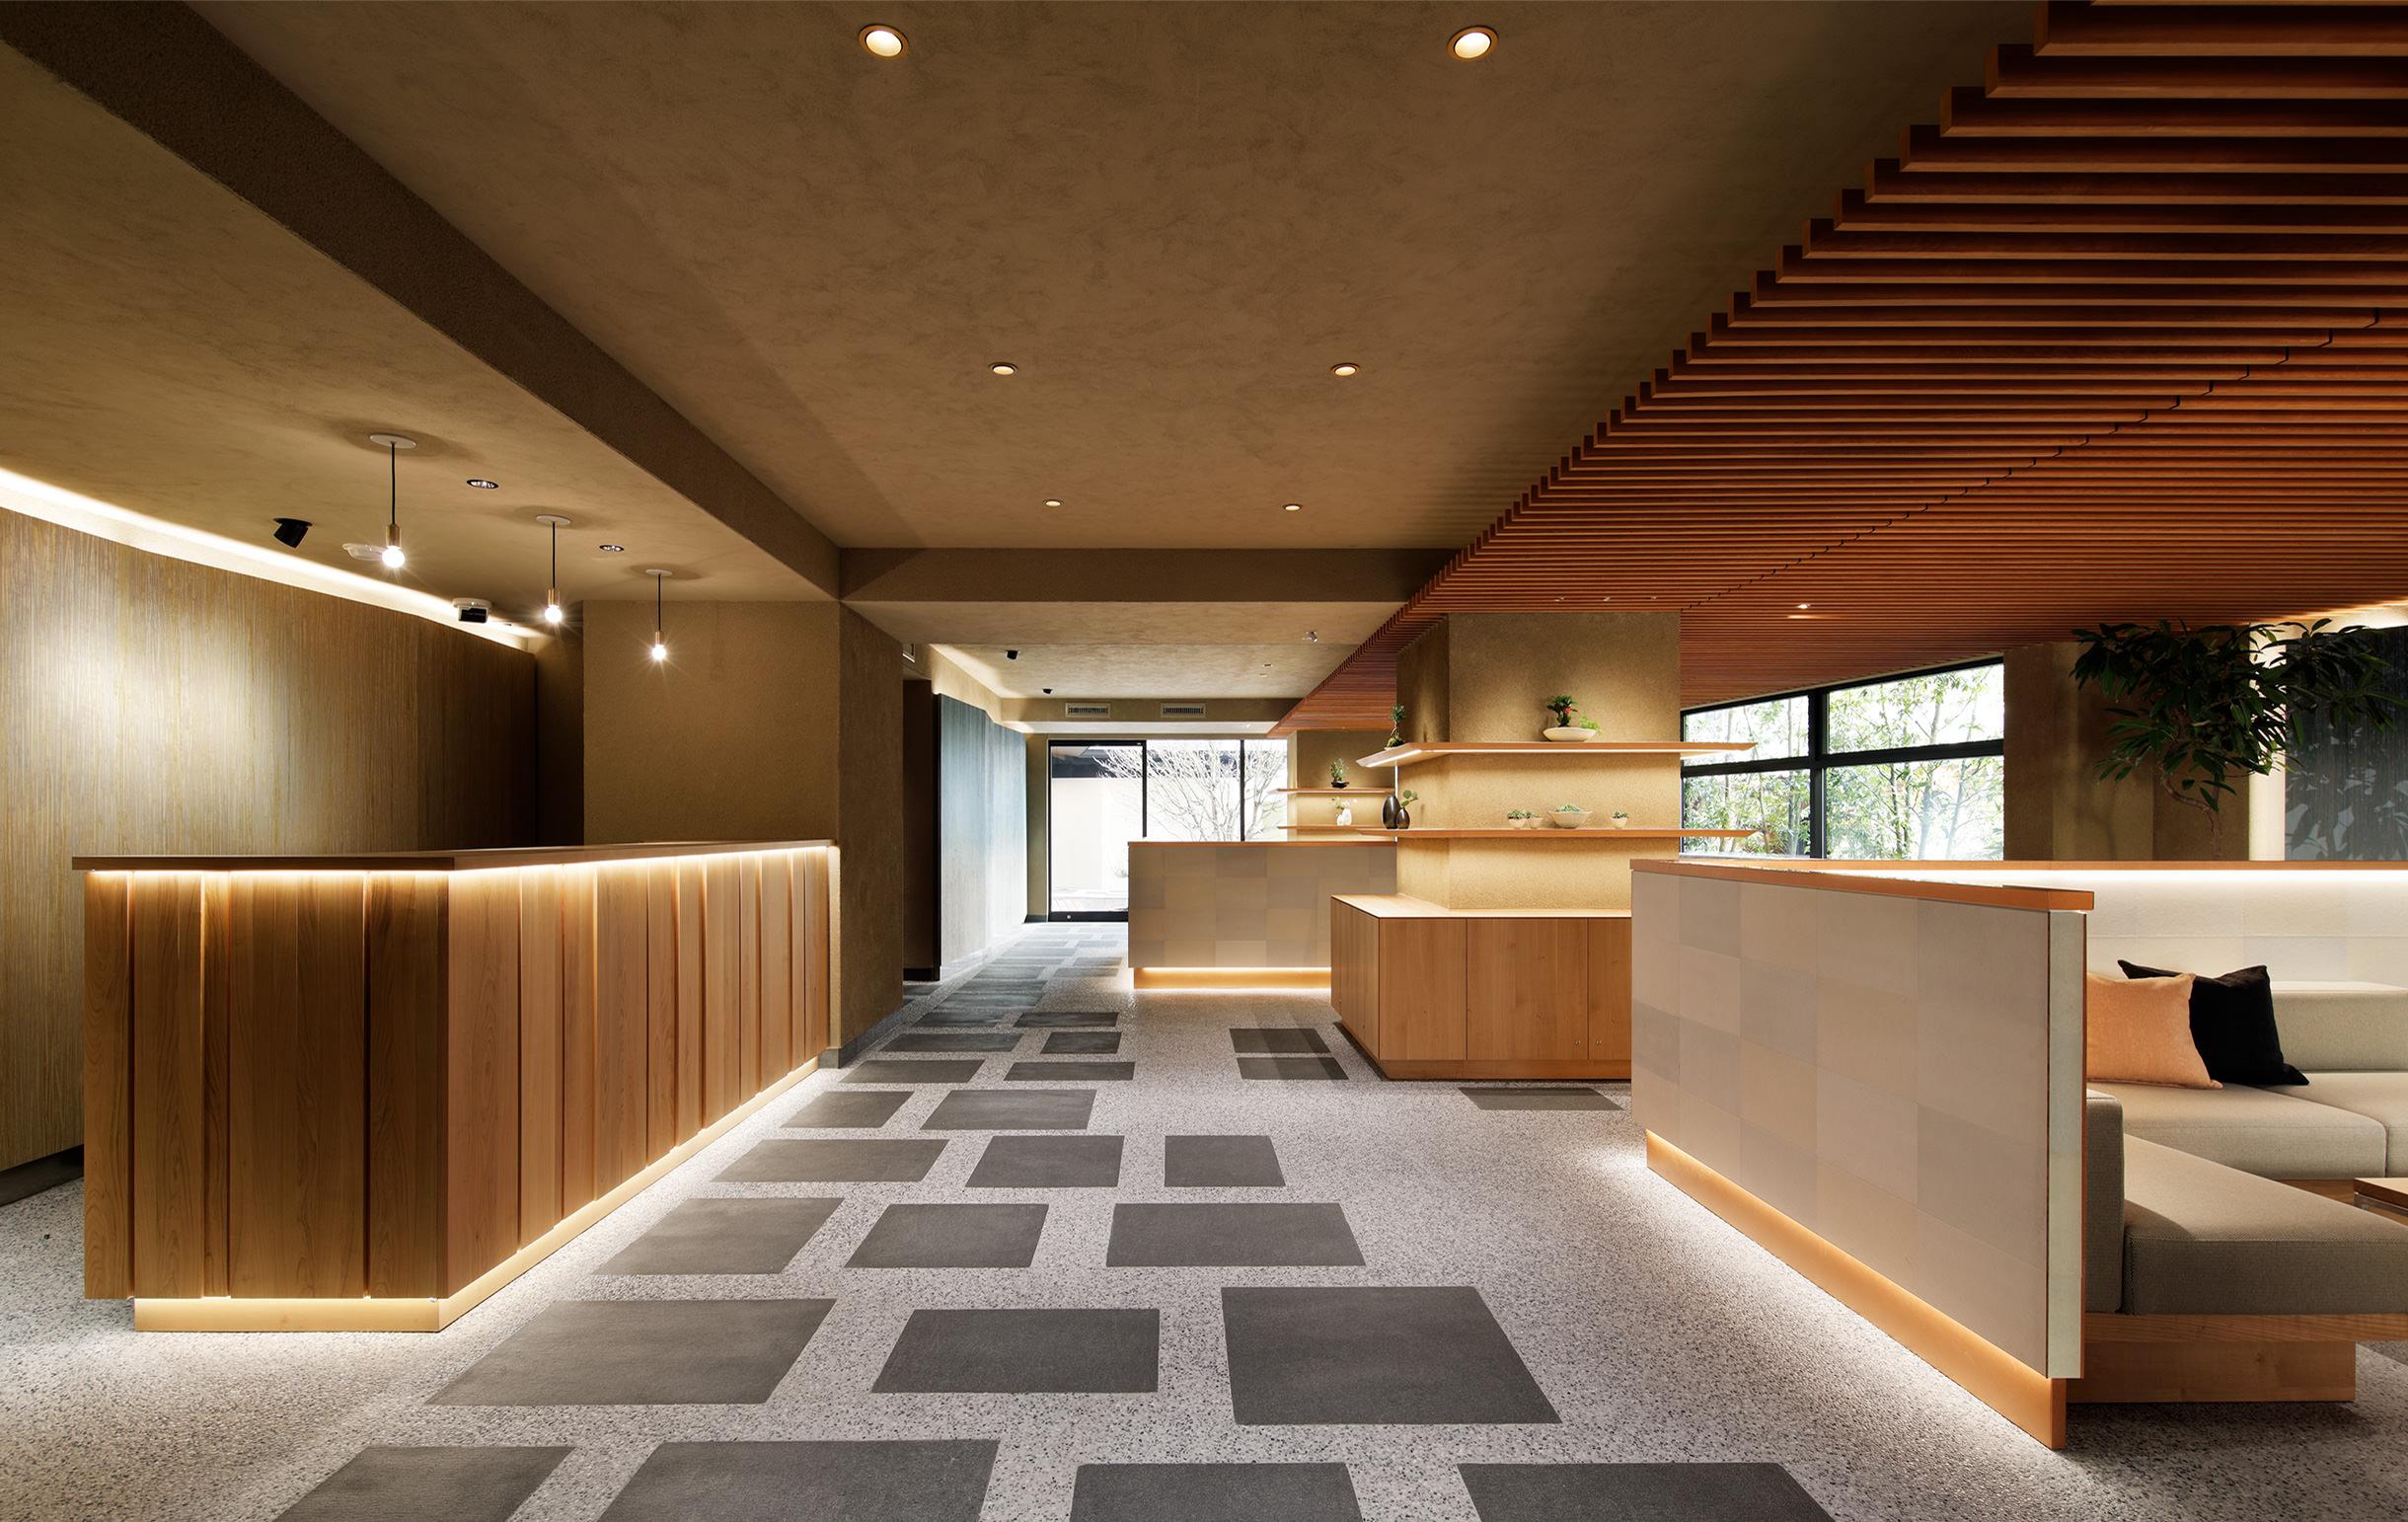 HOTEL – MIMARU